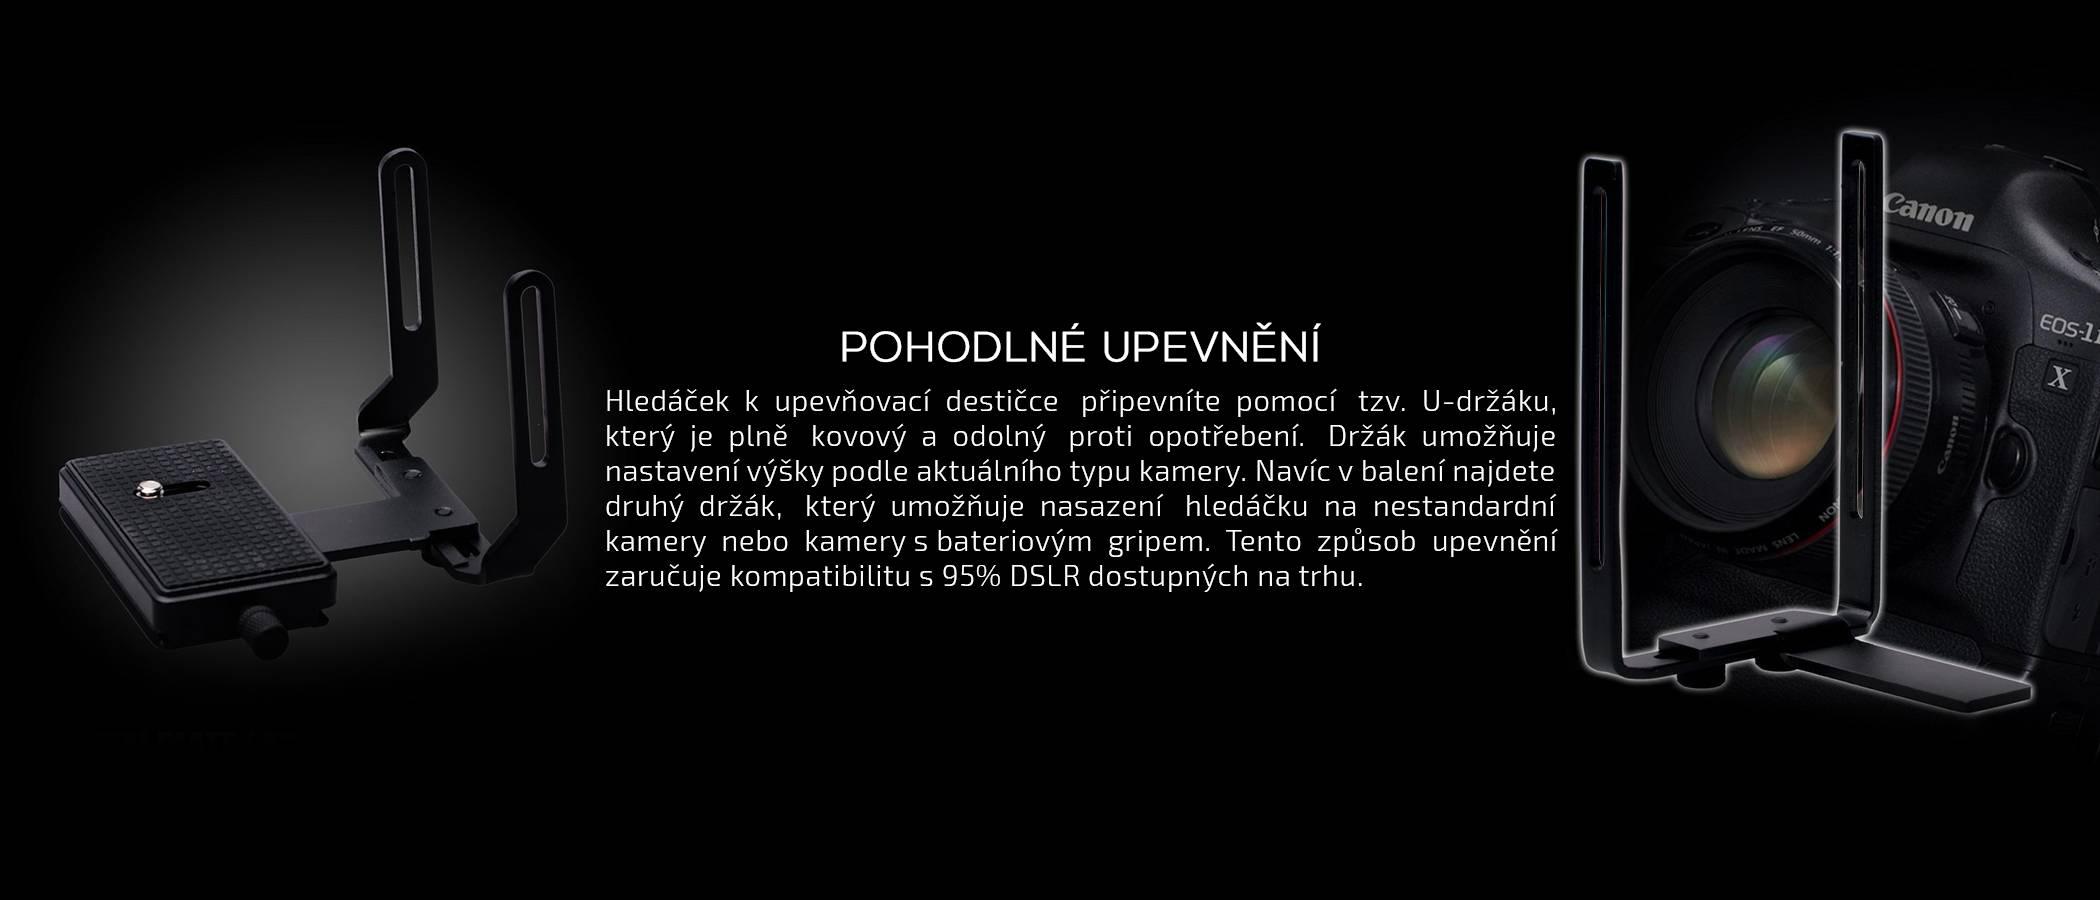 film-technika-ggasfoto-swivi-s5-hledáček-upevnění-3